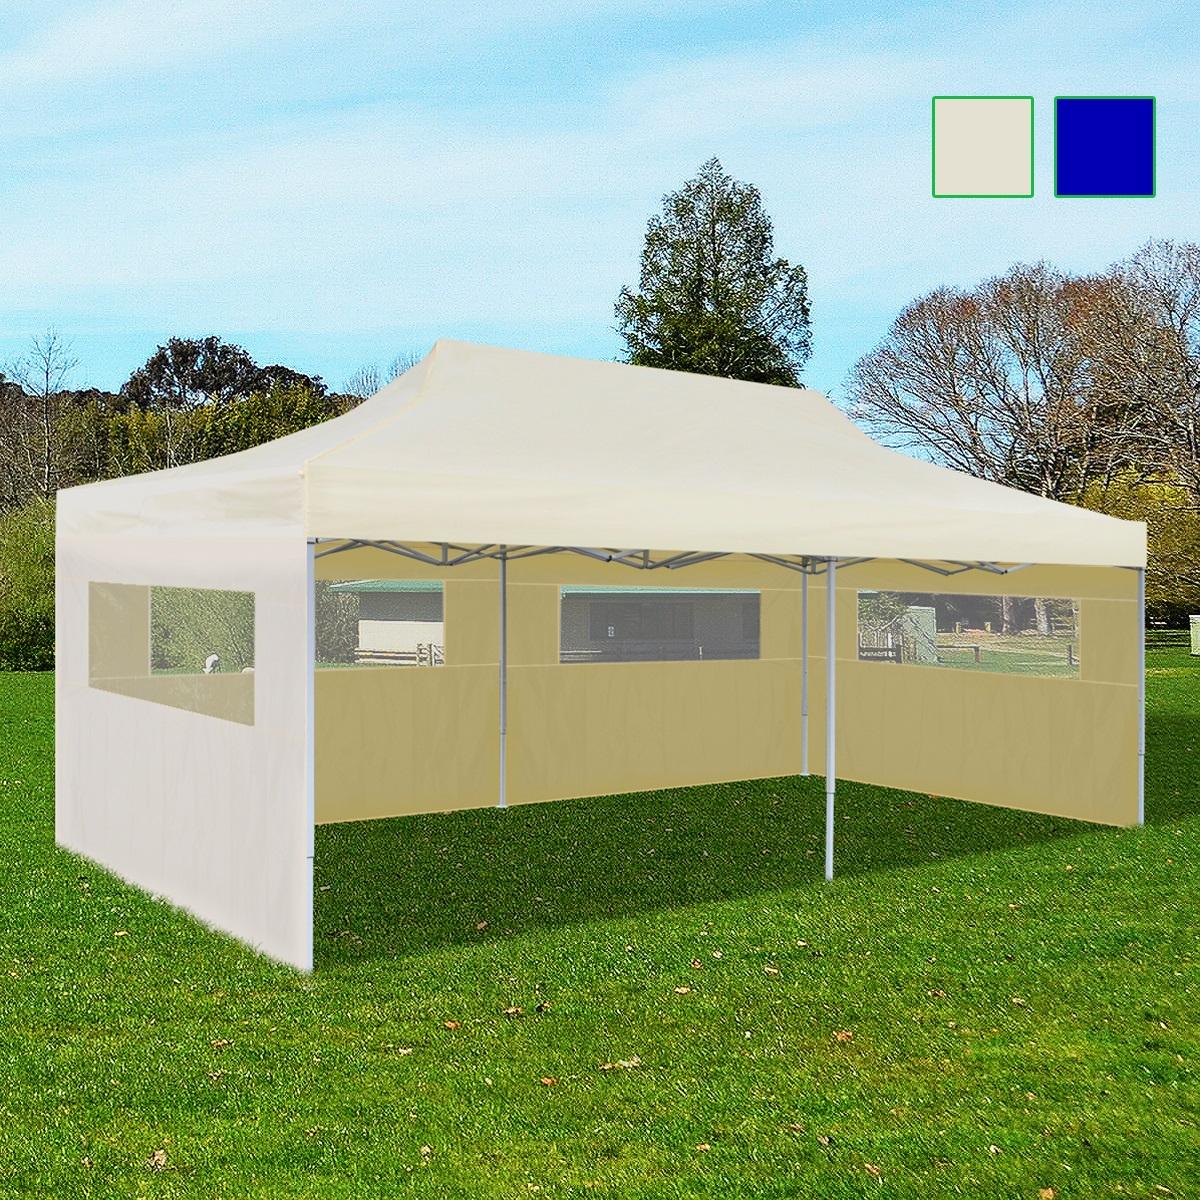 Vidaxl Tente Réception Pliable Chapiteau Tonnelle Pavillon Jardin  Bleu/crème   Ebay intérieur Tonelle Jardin